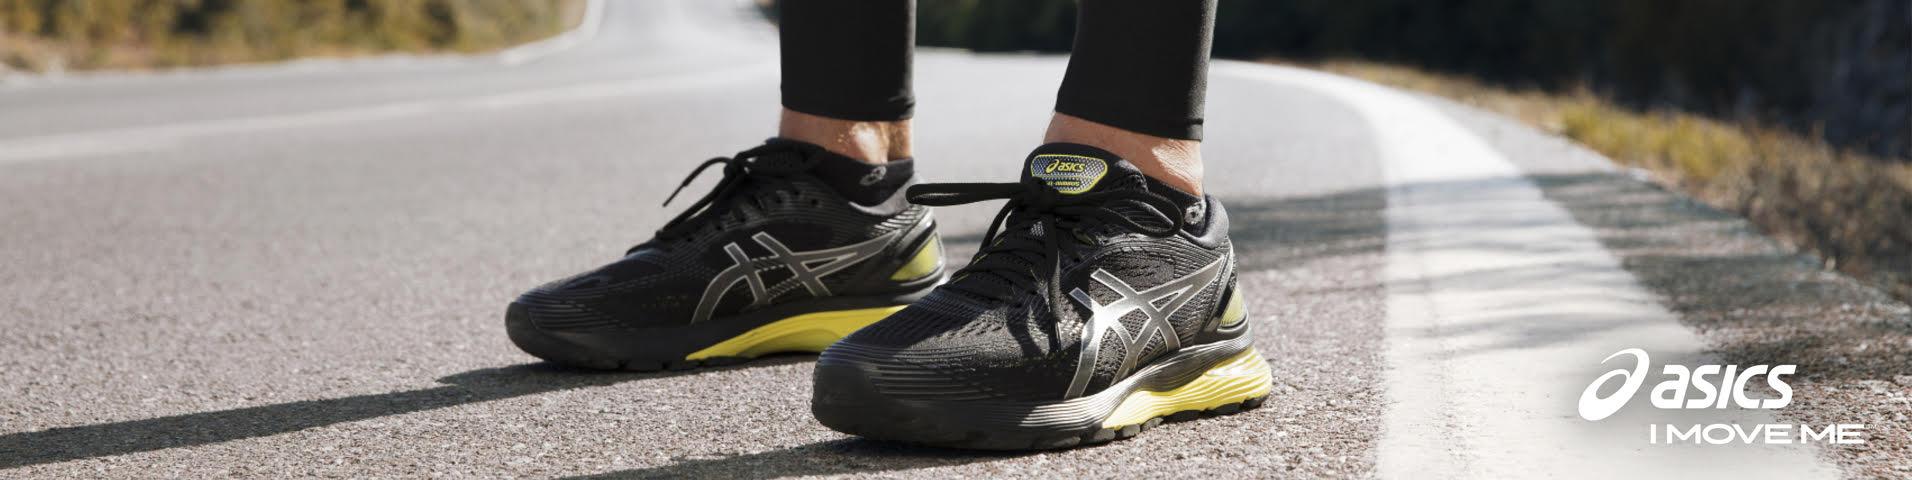 De Sport Pour Suisse Asics Zalando Chaussures Homme Chez vUw1dZUq5